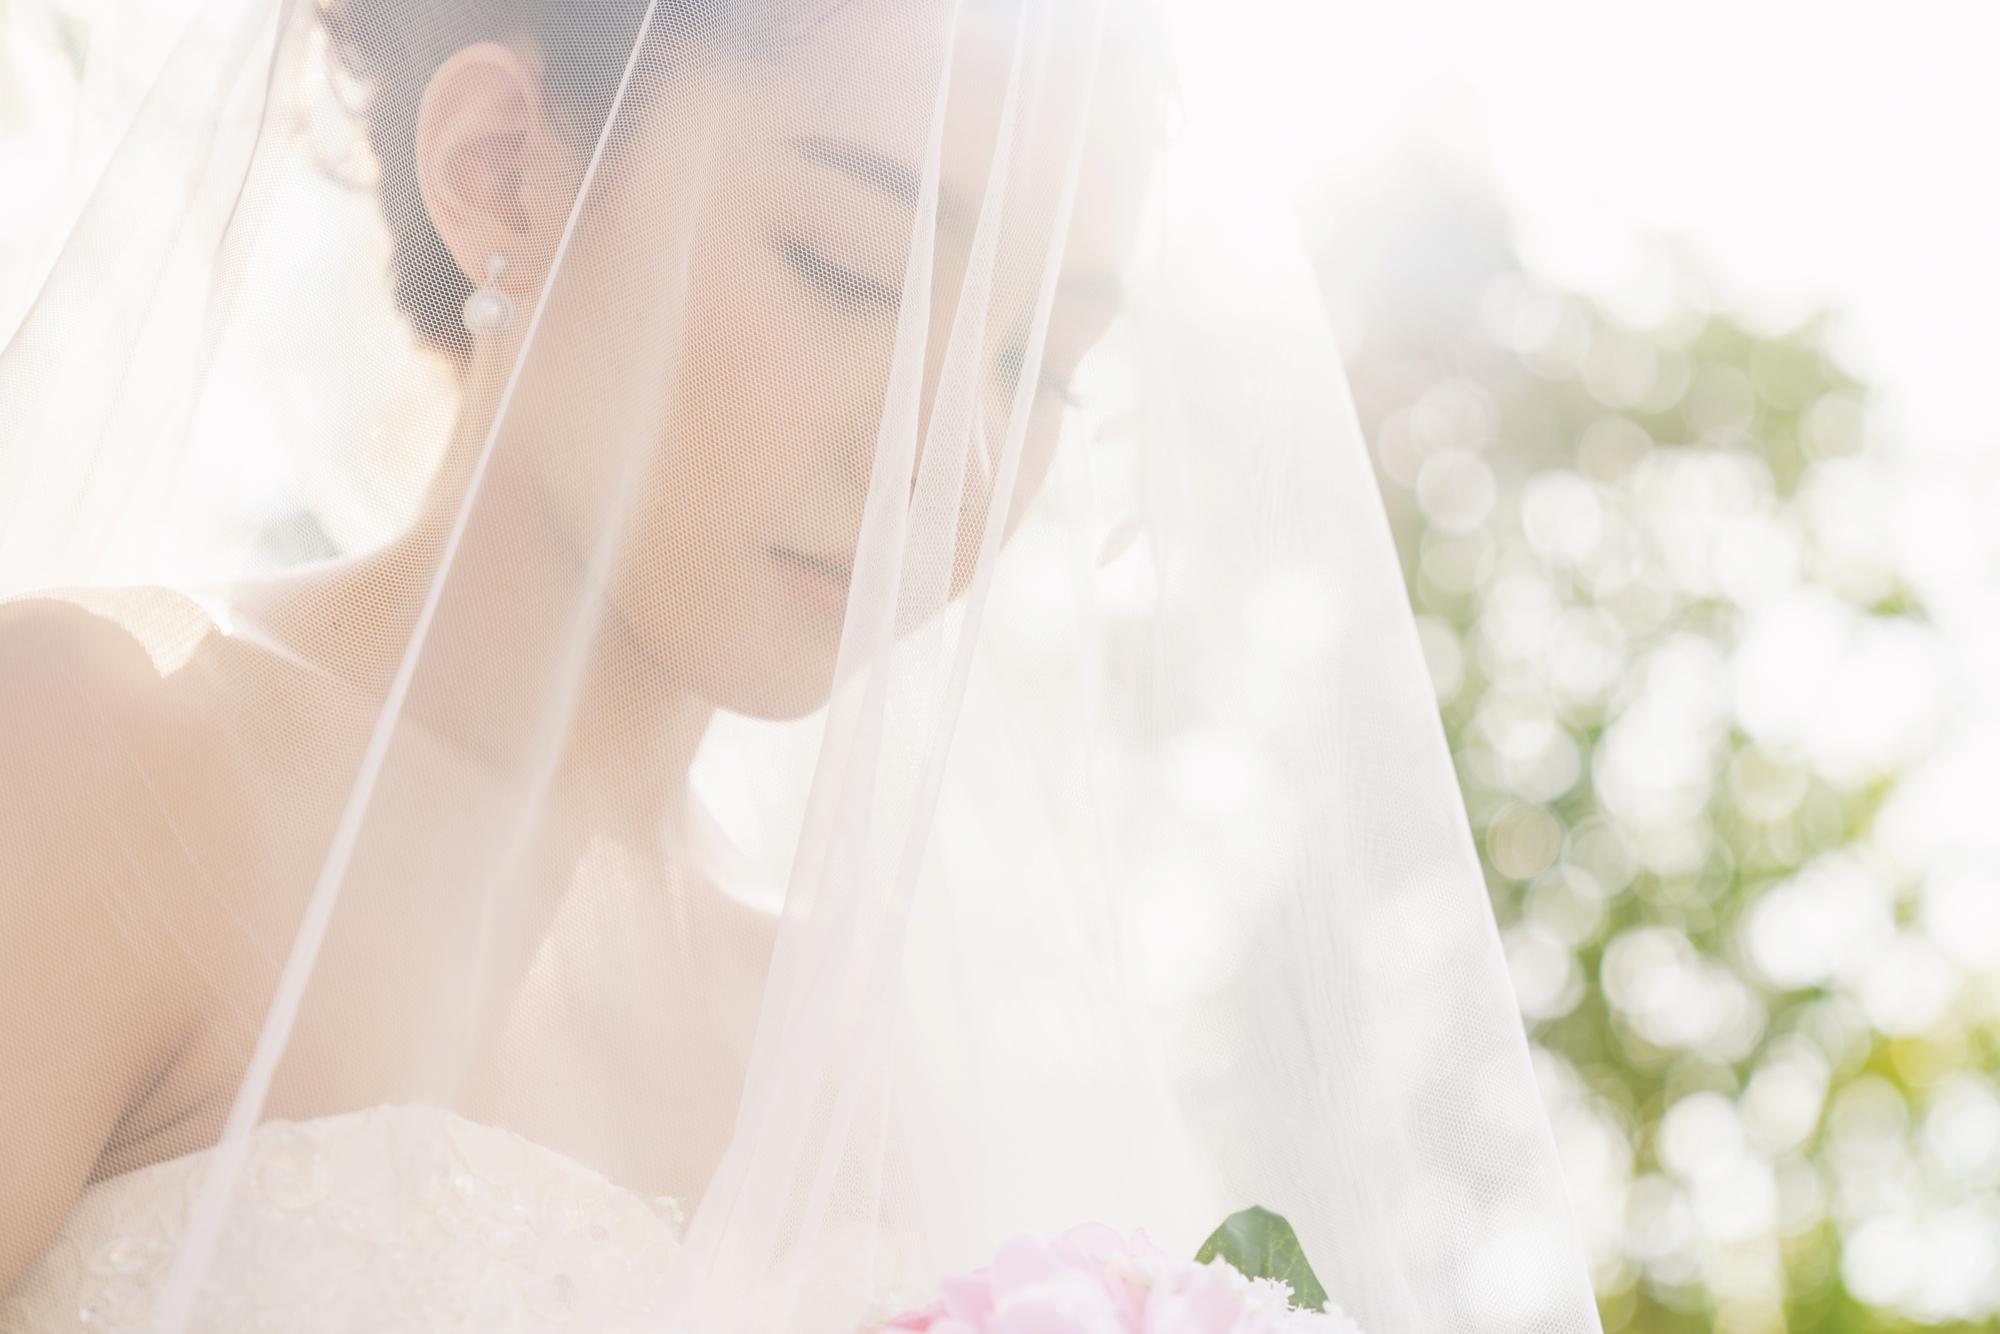 憧れは美人妻、36歳で運命を掴んだ女性が結婚した決め手と方法